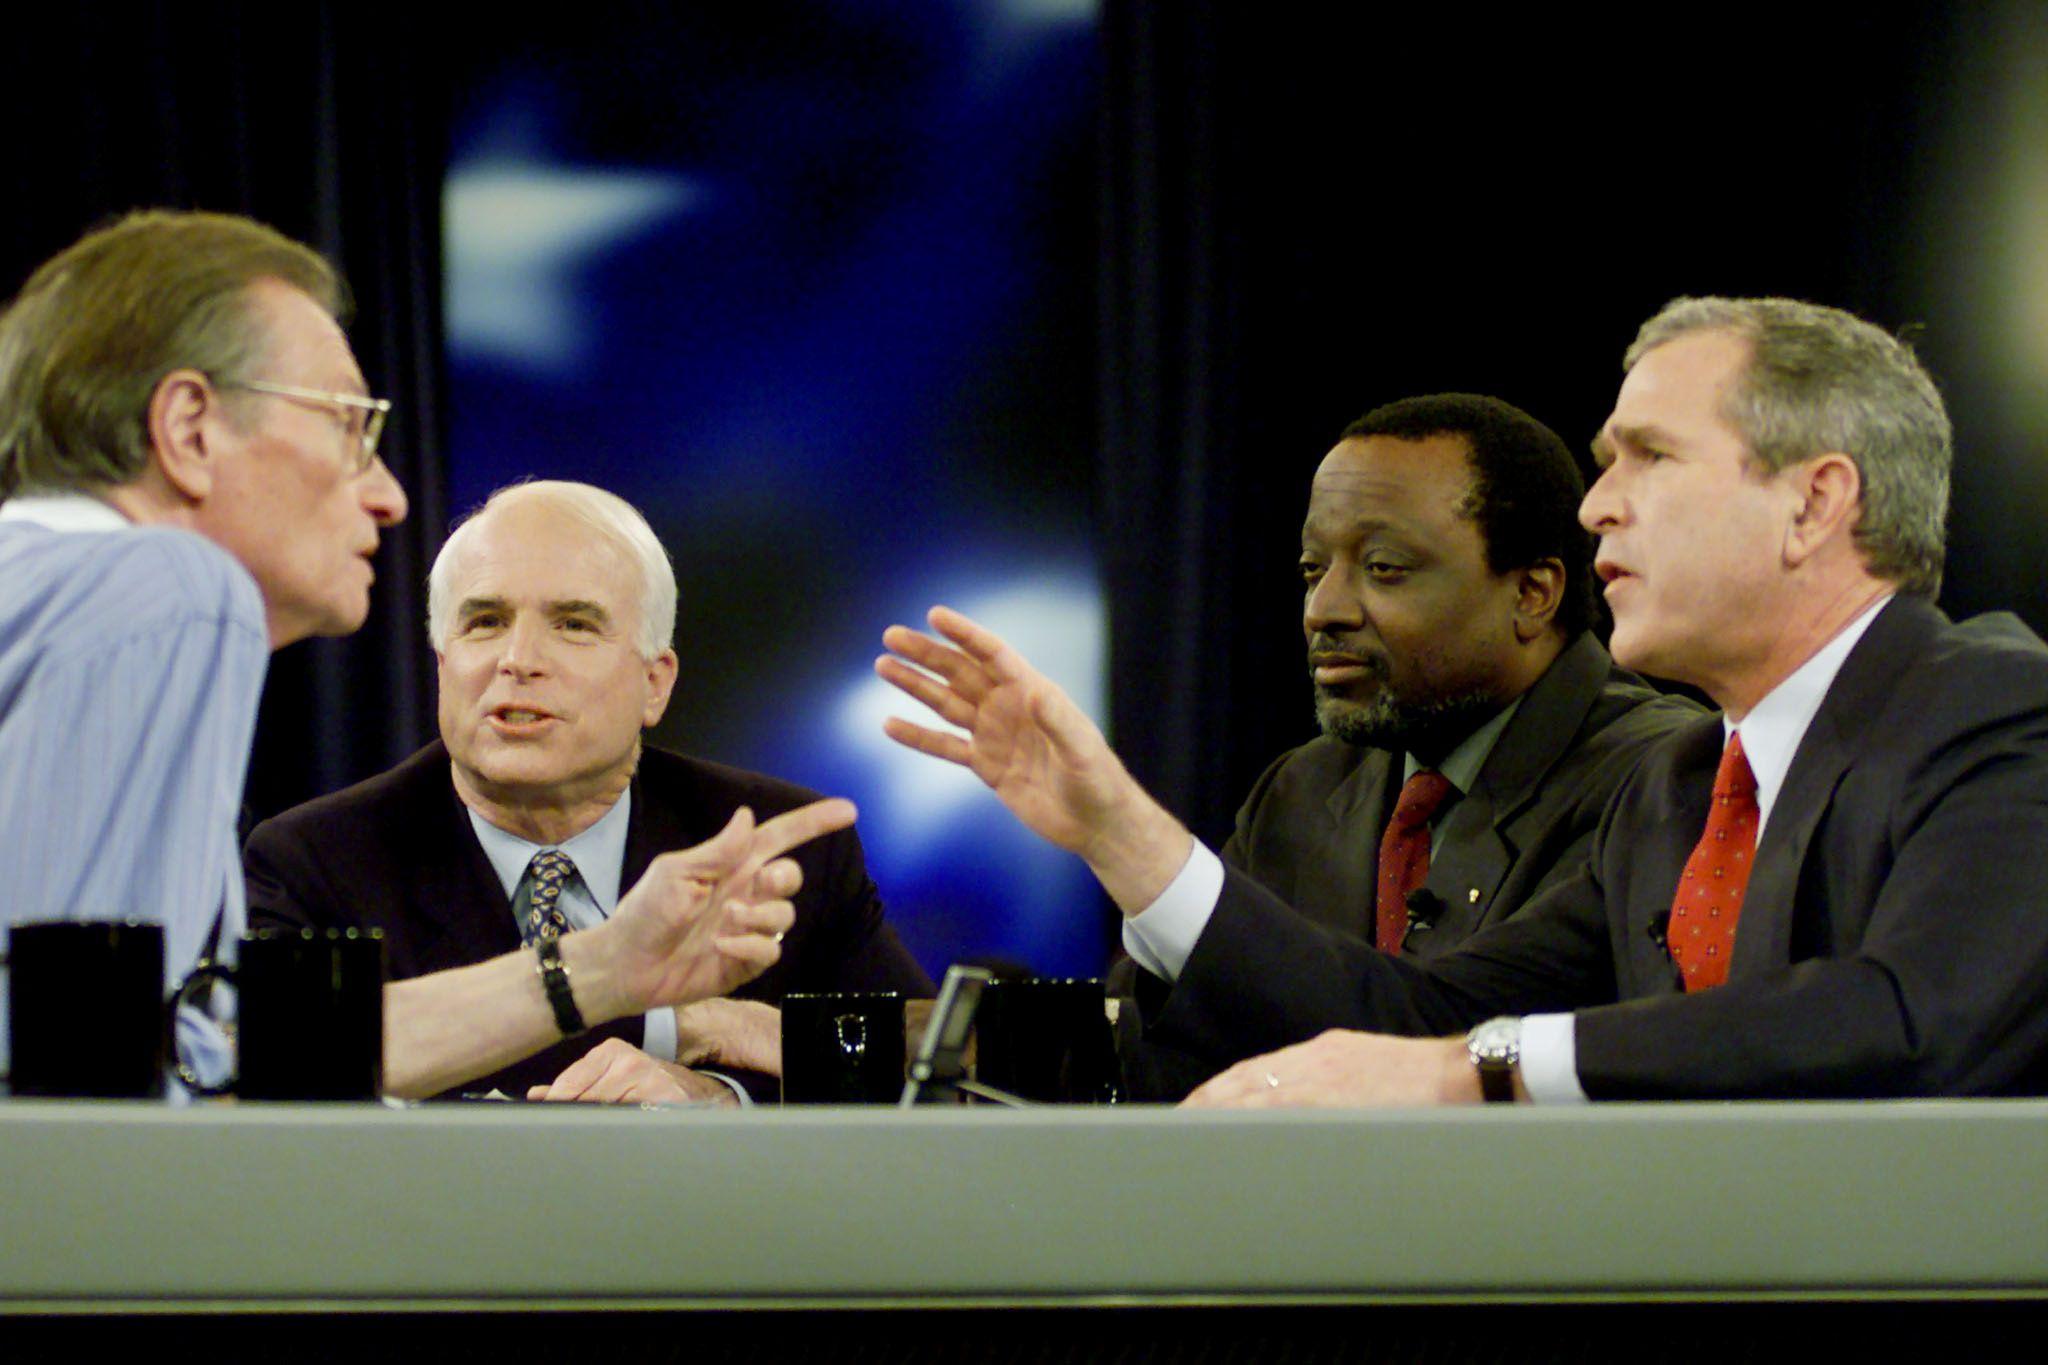 :Los candidatos presidenciales republicanos George W. Bush (R), el presentador Alan Keyes y el senador de Arizona John McCain (2NDL) participan en un debate presidencial republicano televisado por la cadena CNN con el moderador Larry King (L) en Columbia, Estados Unidos, el 15 de febrero de 2000.